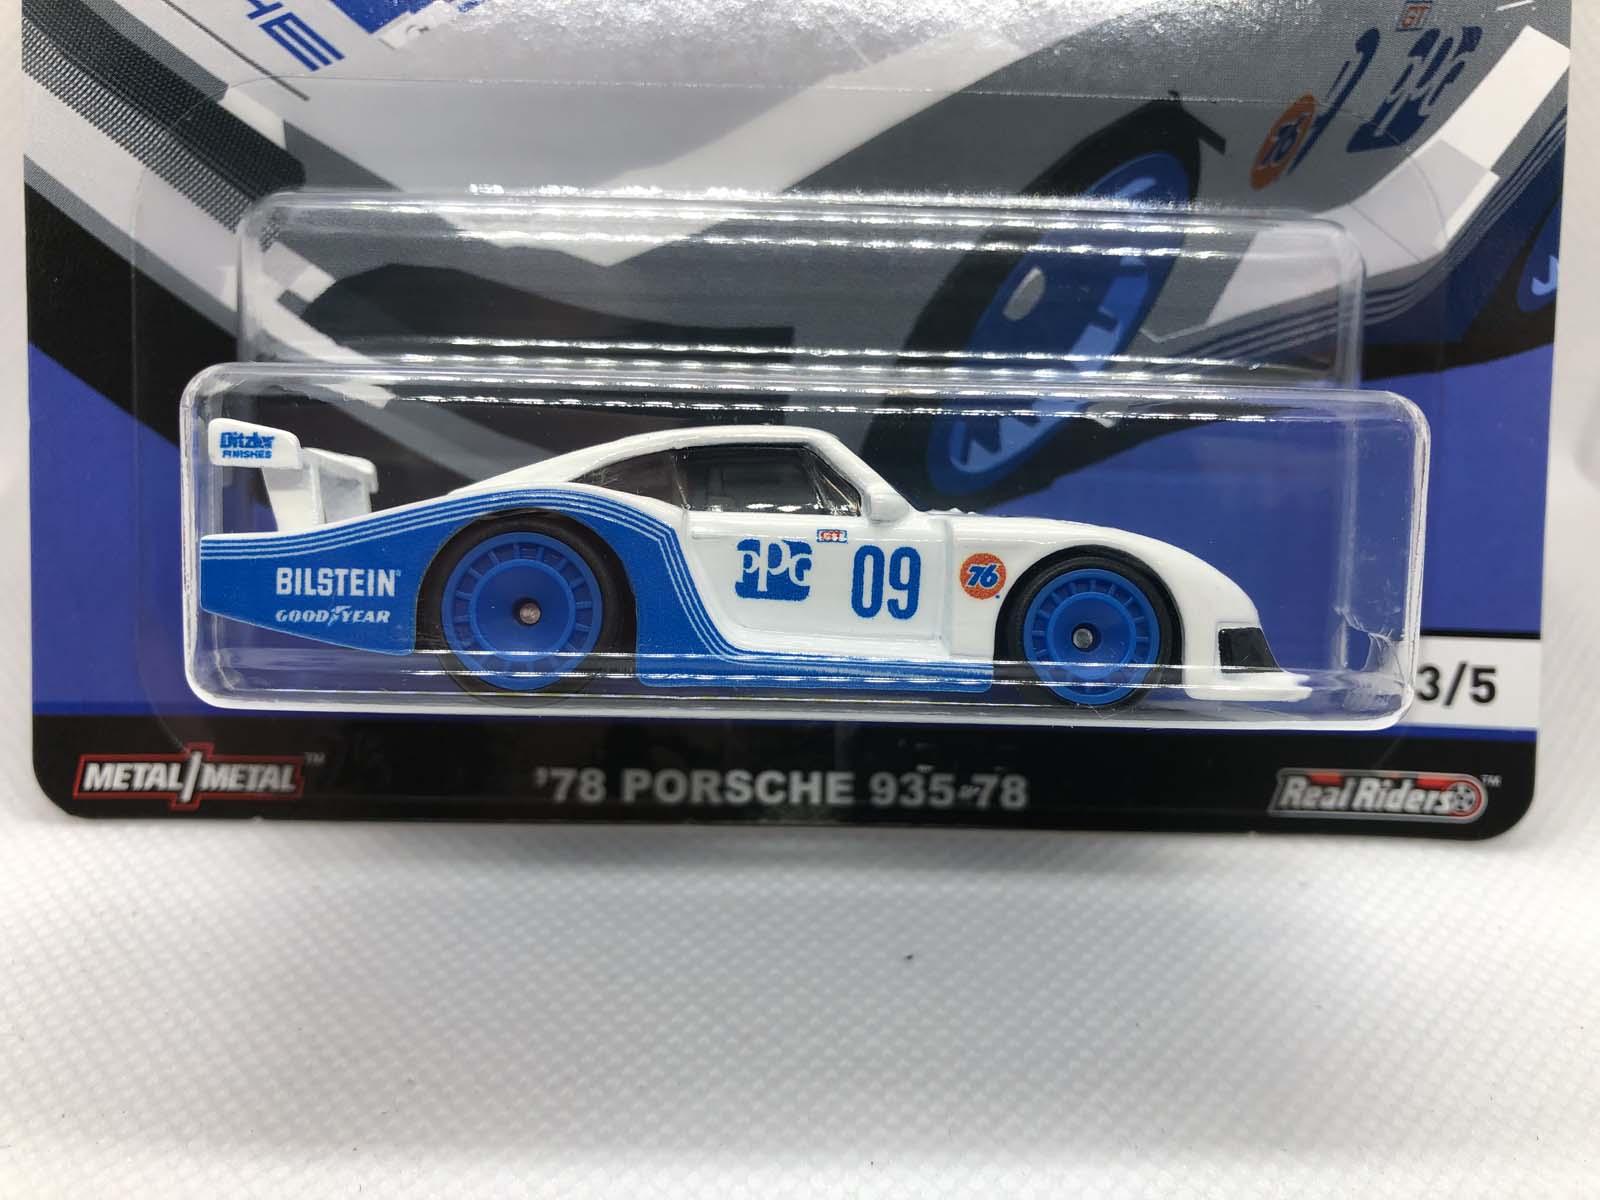 78 Porsche 935-78